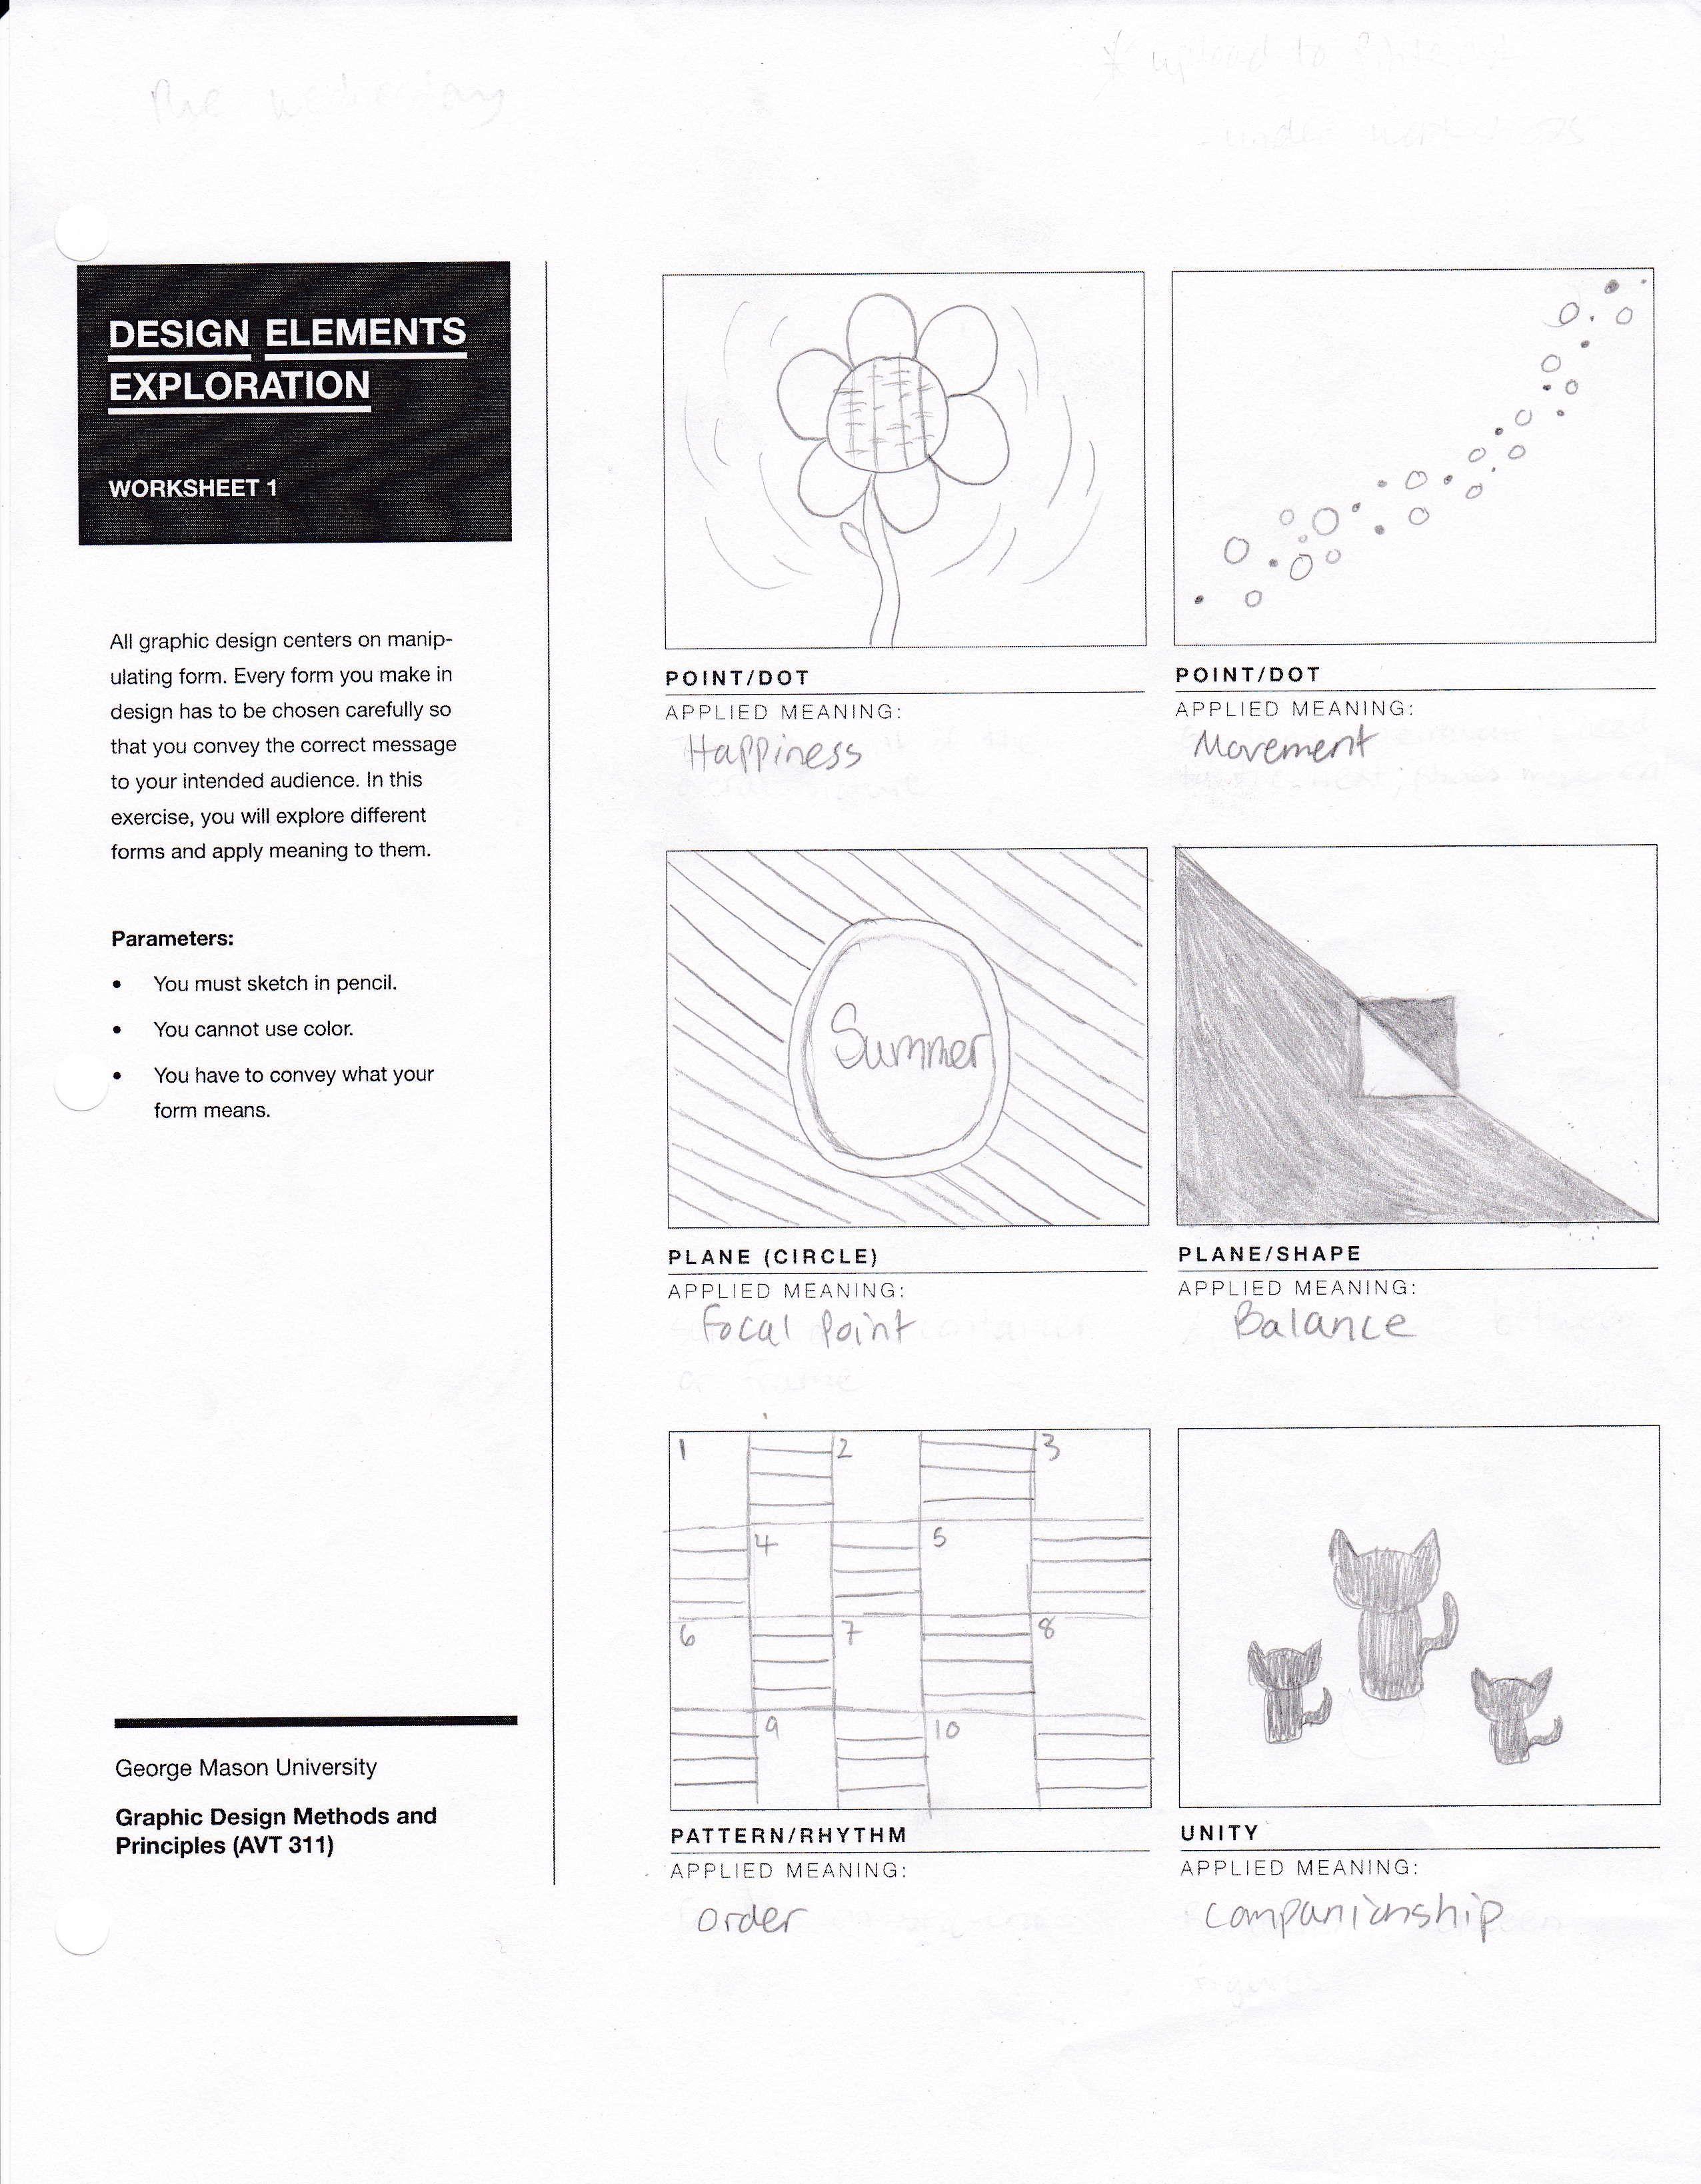 Design Elements Worksheet For Avt 311